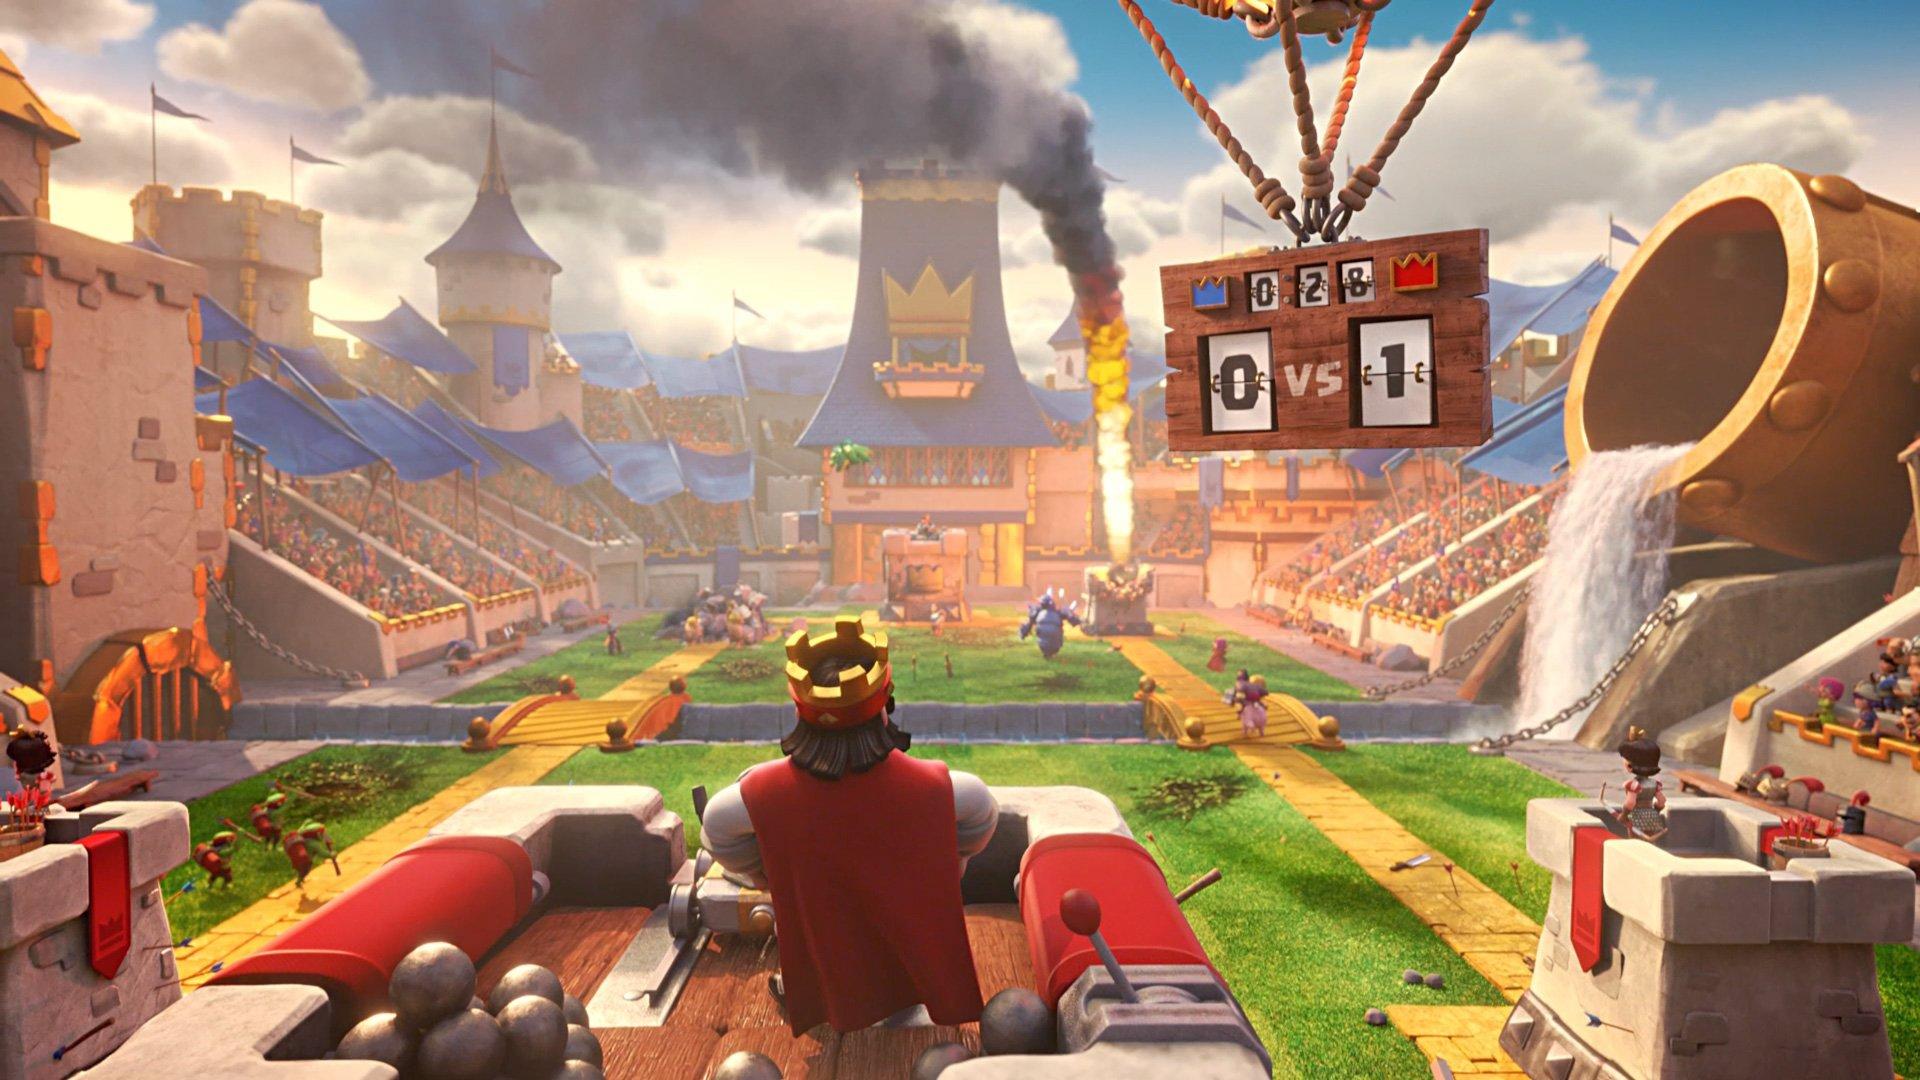 Clash Royale é um jogo de cartas e estratégia disponível para Android e iOS (Foto: Divugalção/Supercell)